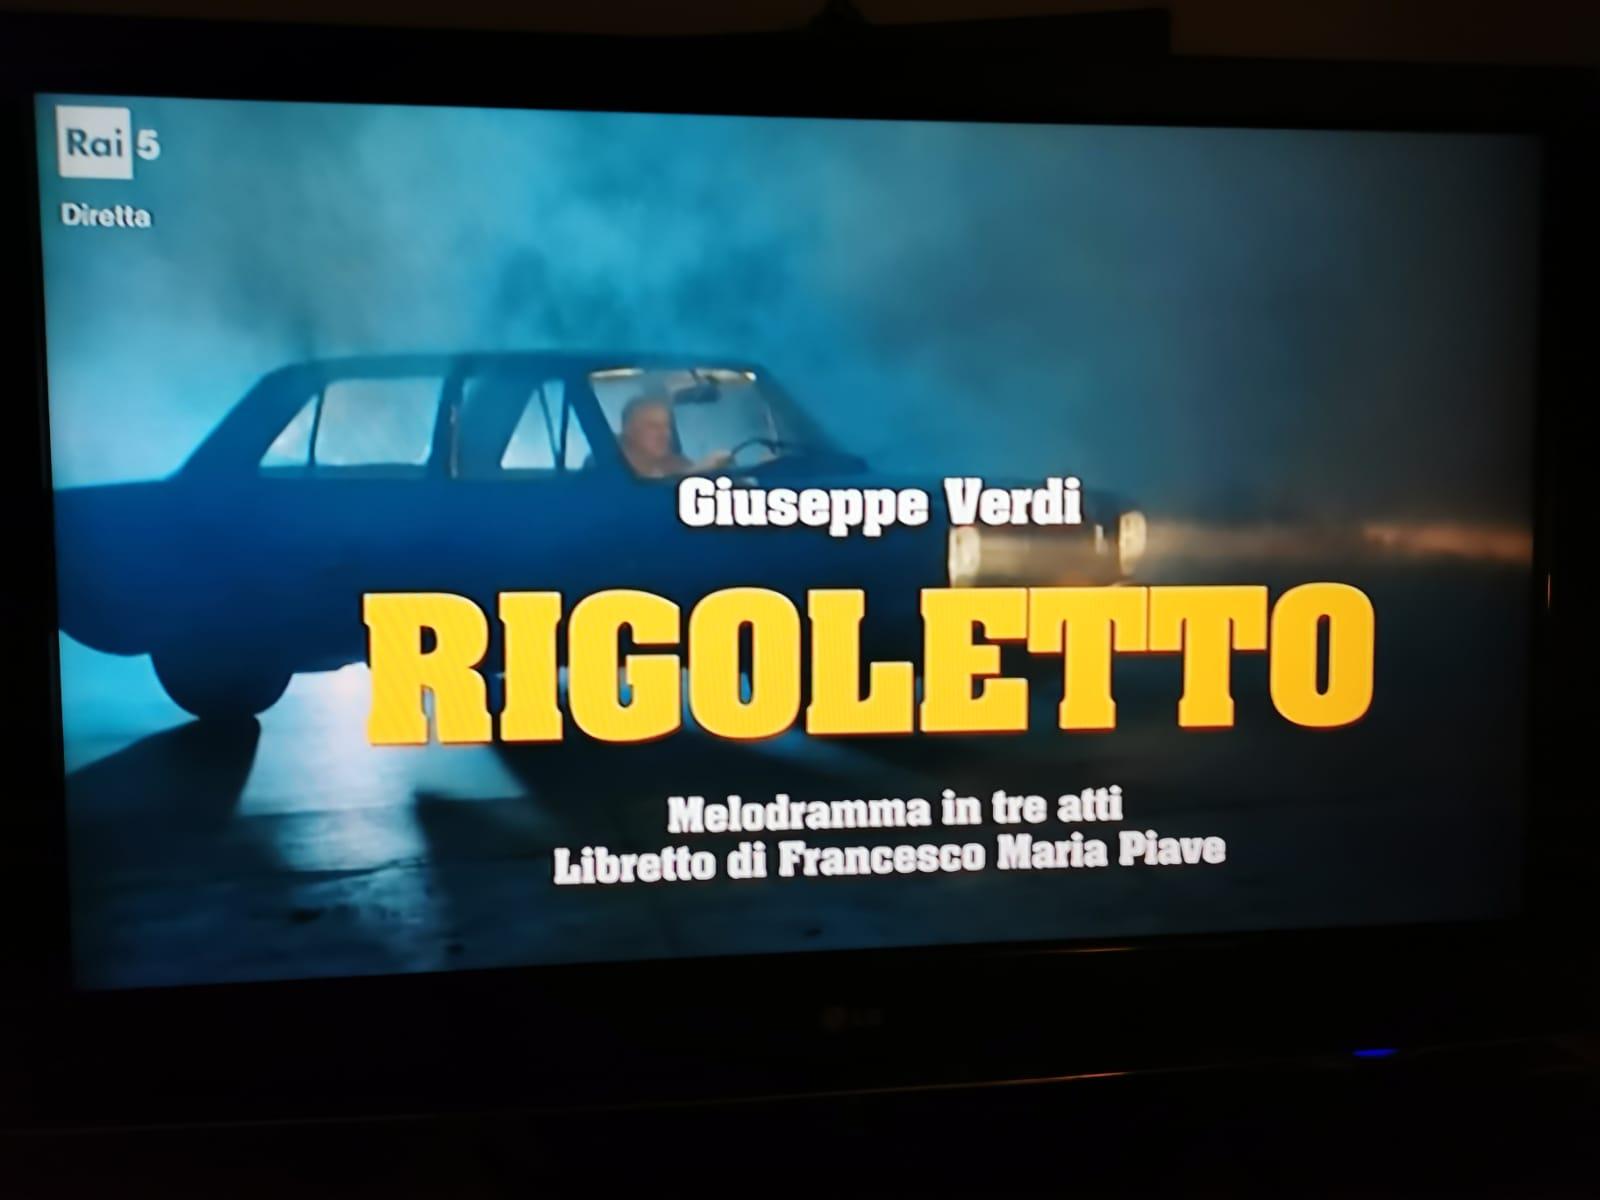 Noleggio auto matrimoni - Il Rigoletto - noleggio auto storiche